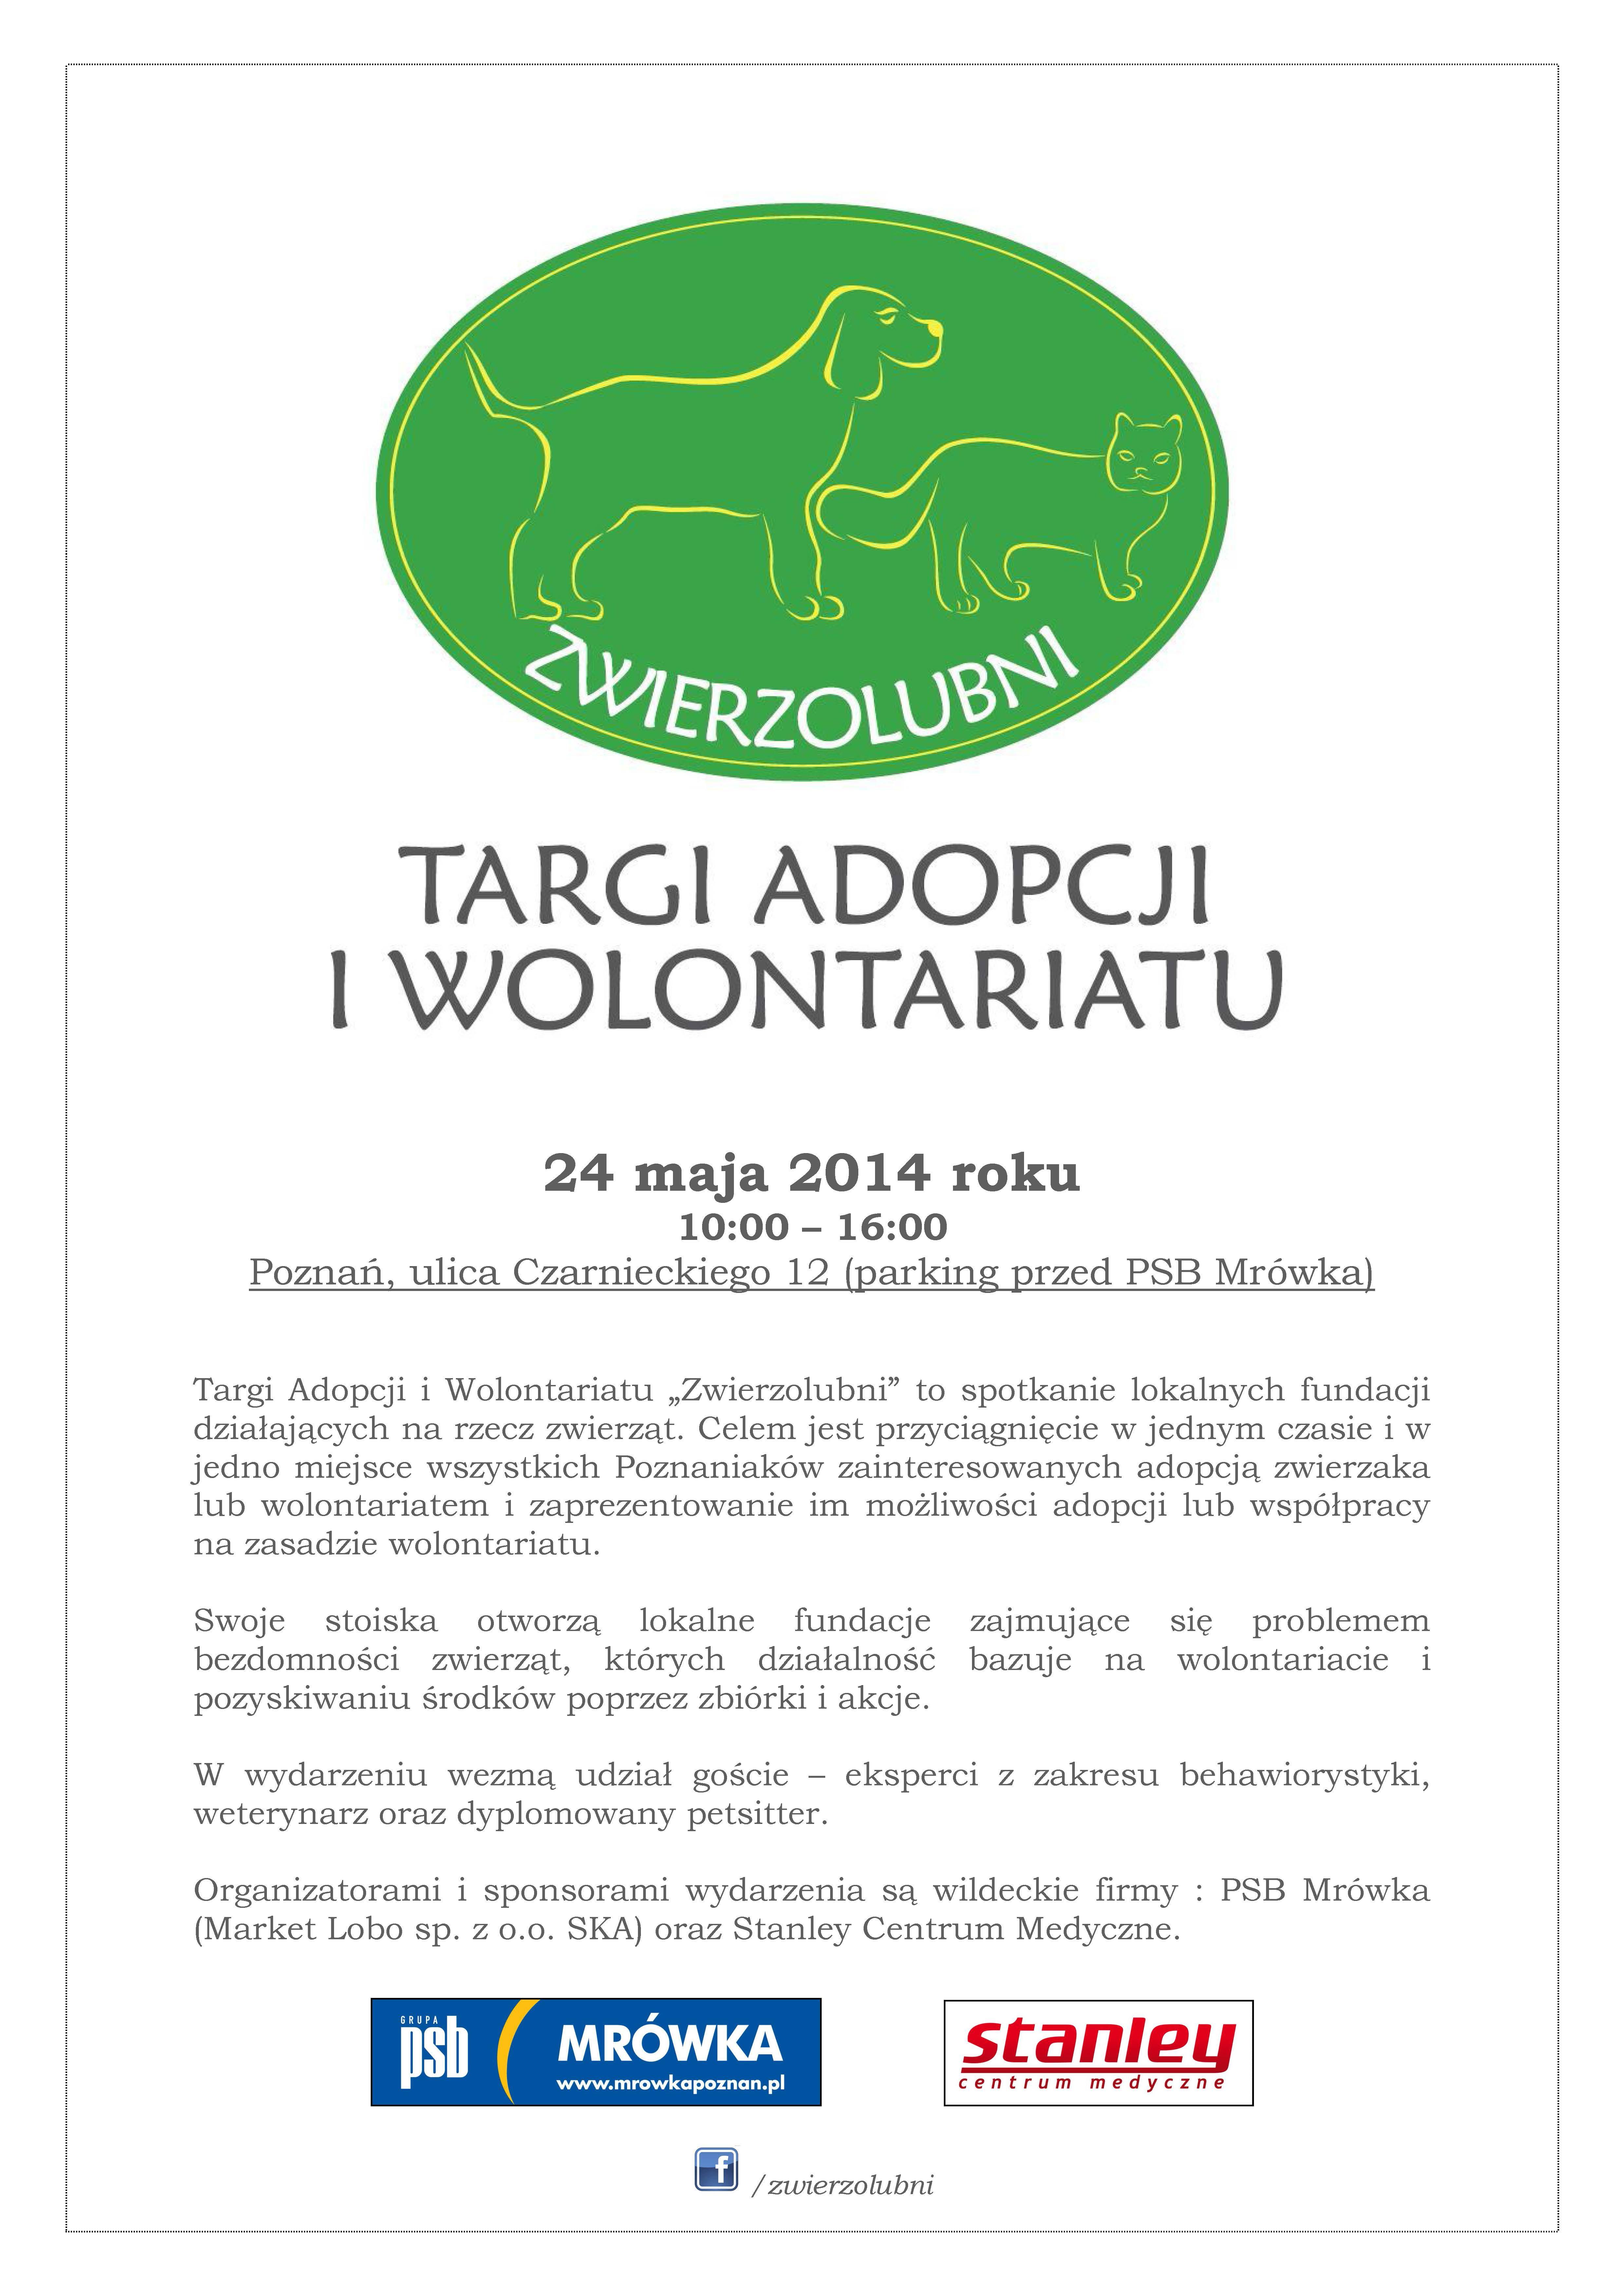 zapraszamy-na-targi-adopcji-i-wolontariatu-zwierzolubni